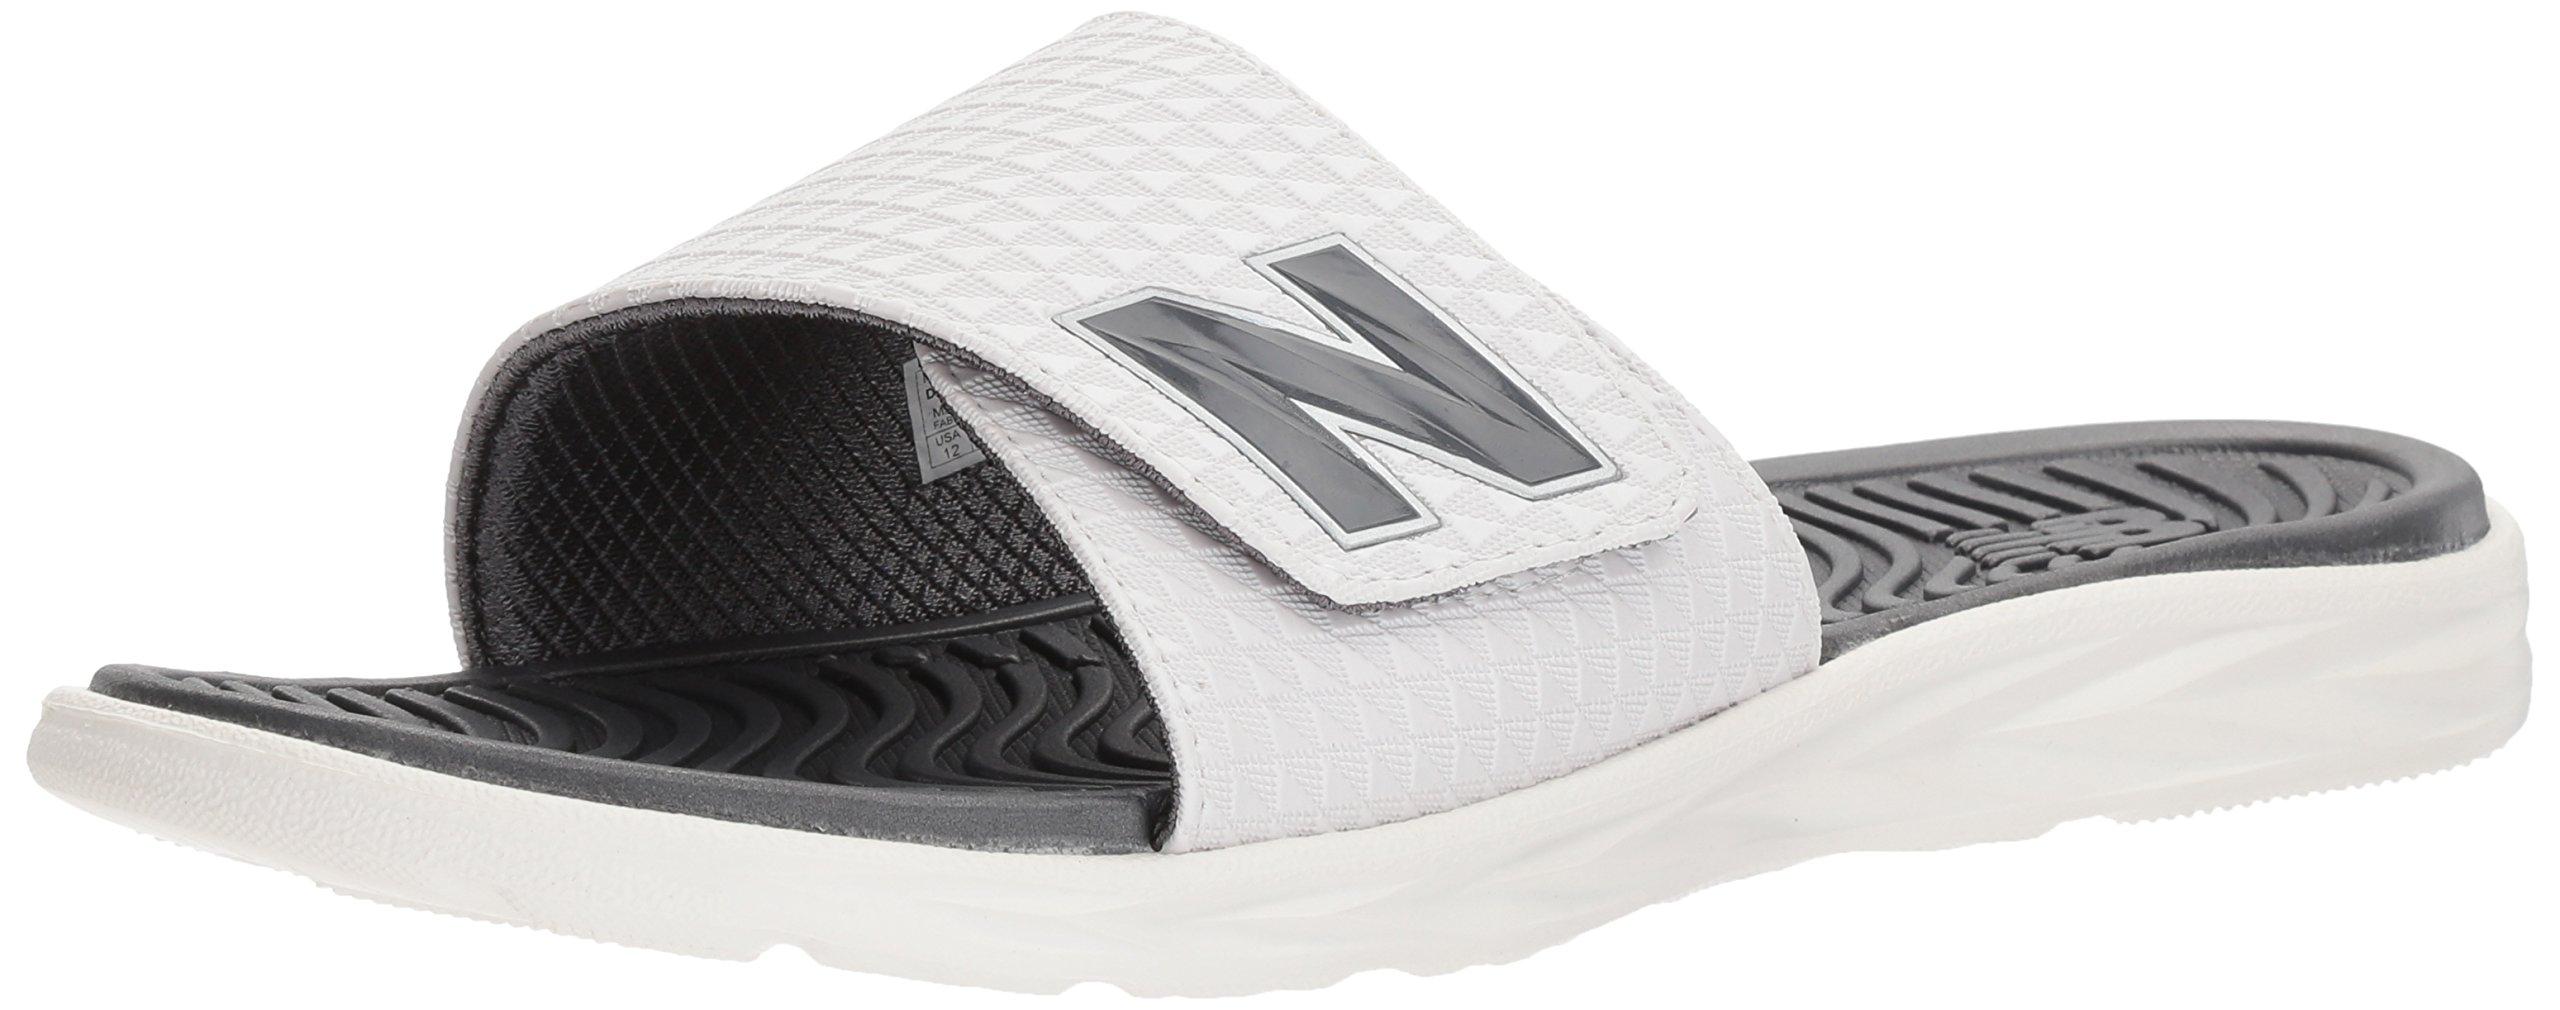 New Balance Men's Response Slide Sandal, White, 15 D US